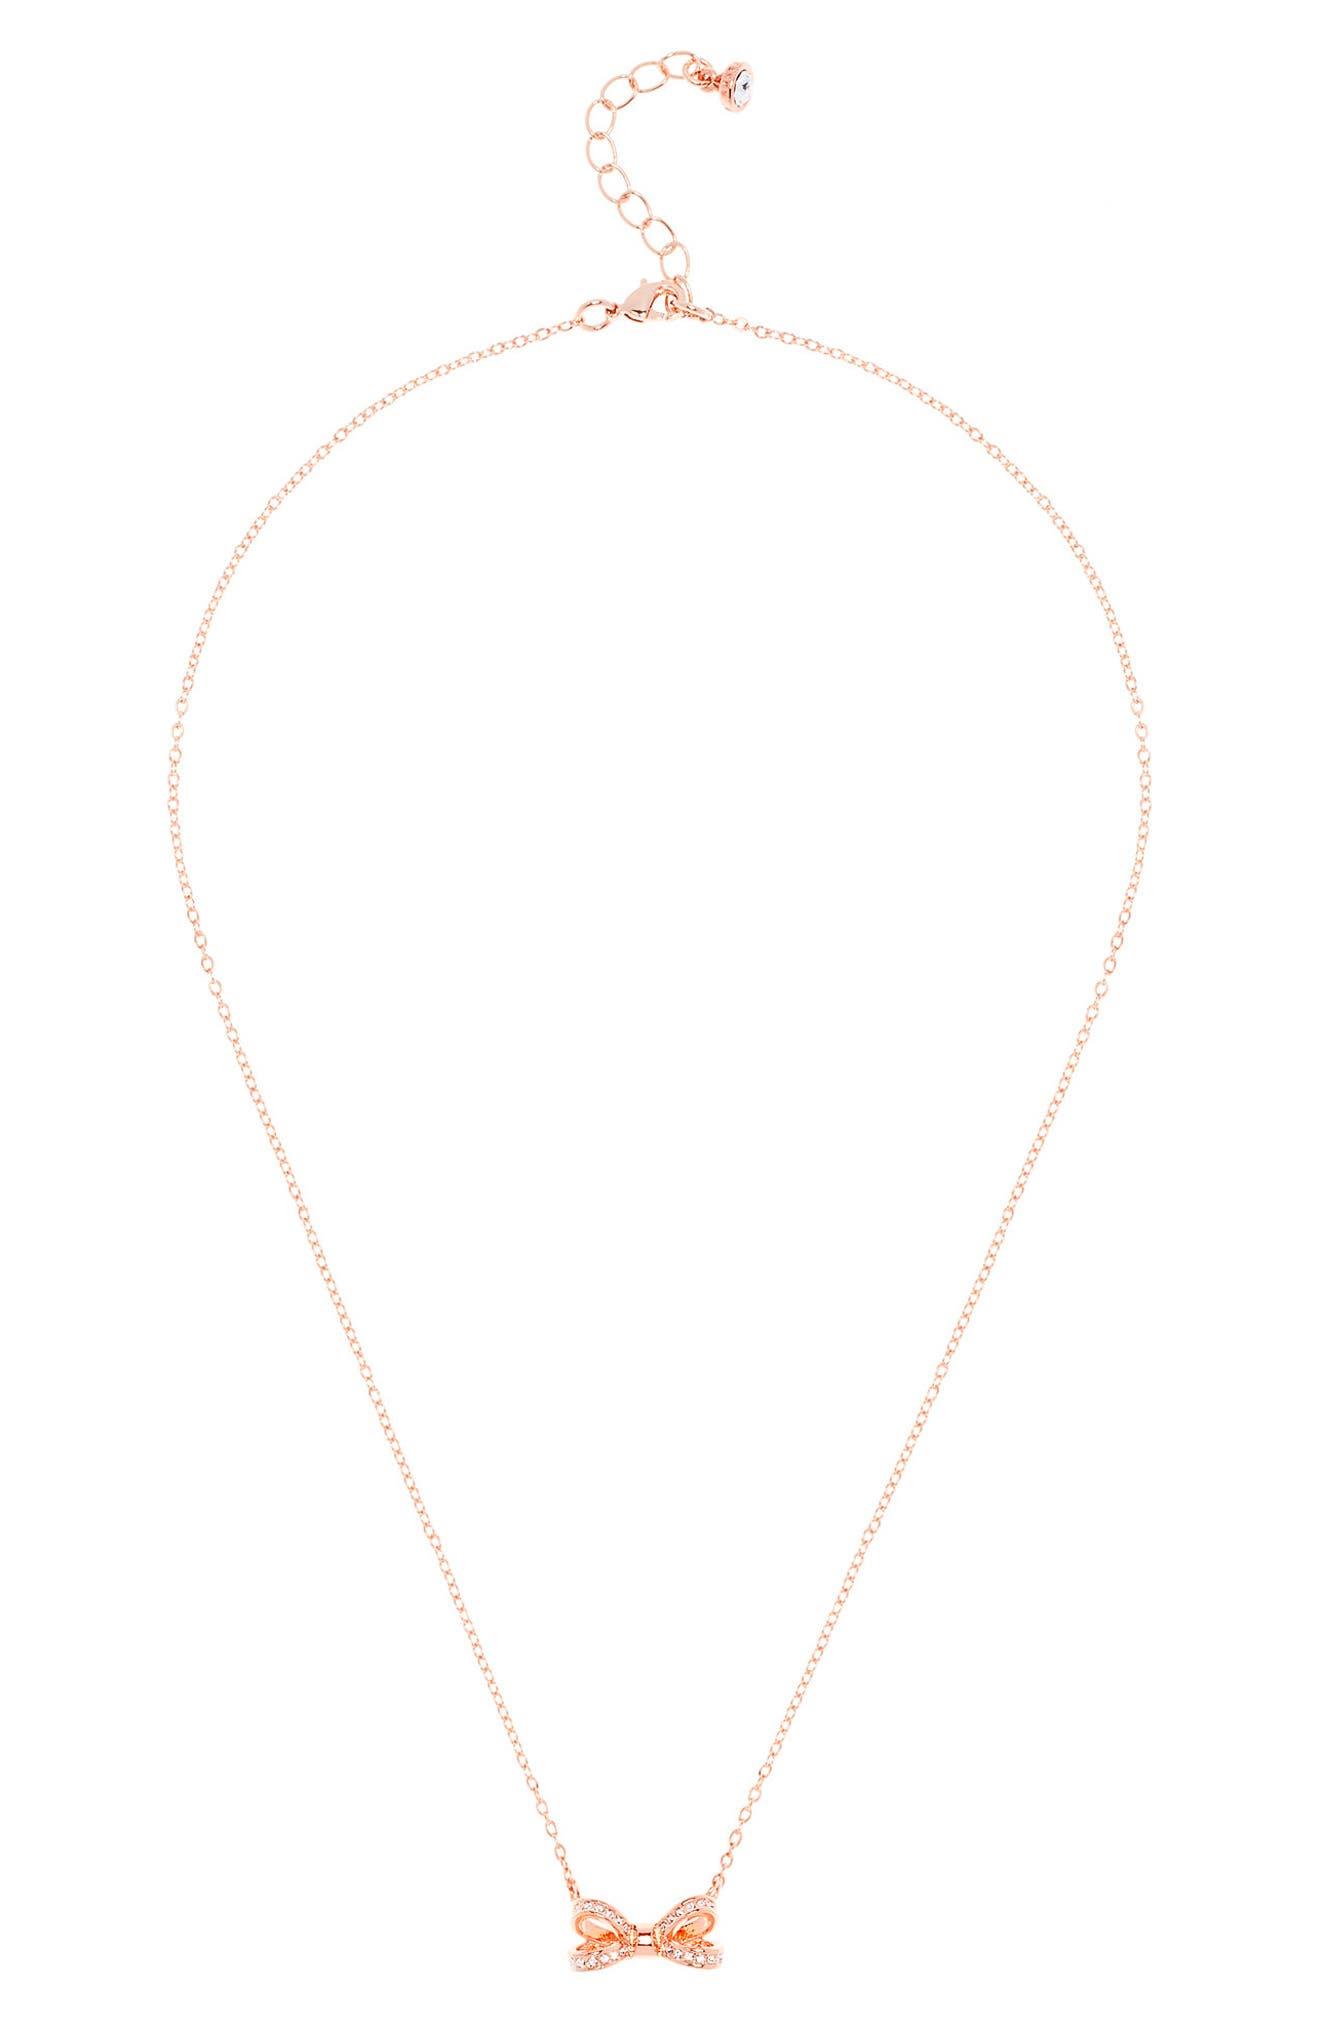 Ted Baker London Opulent Pavé Bow Pendant Necklace